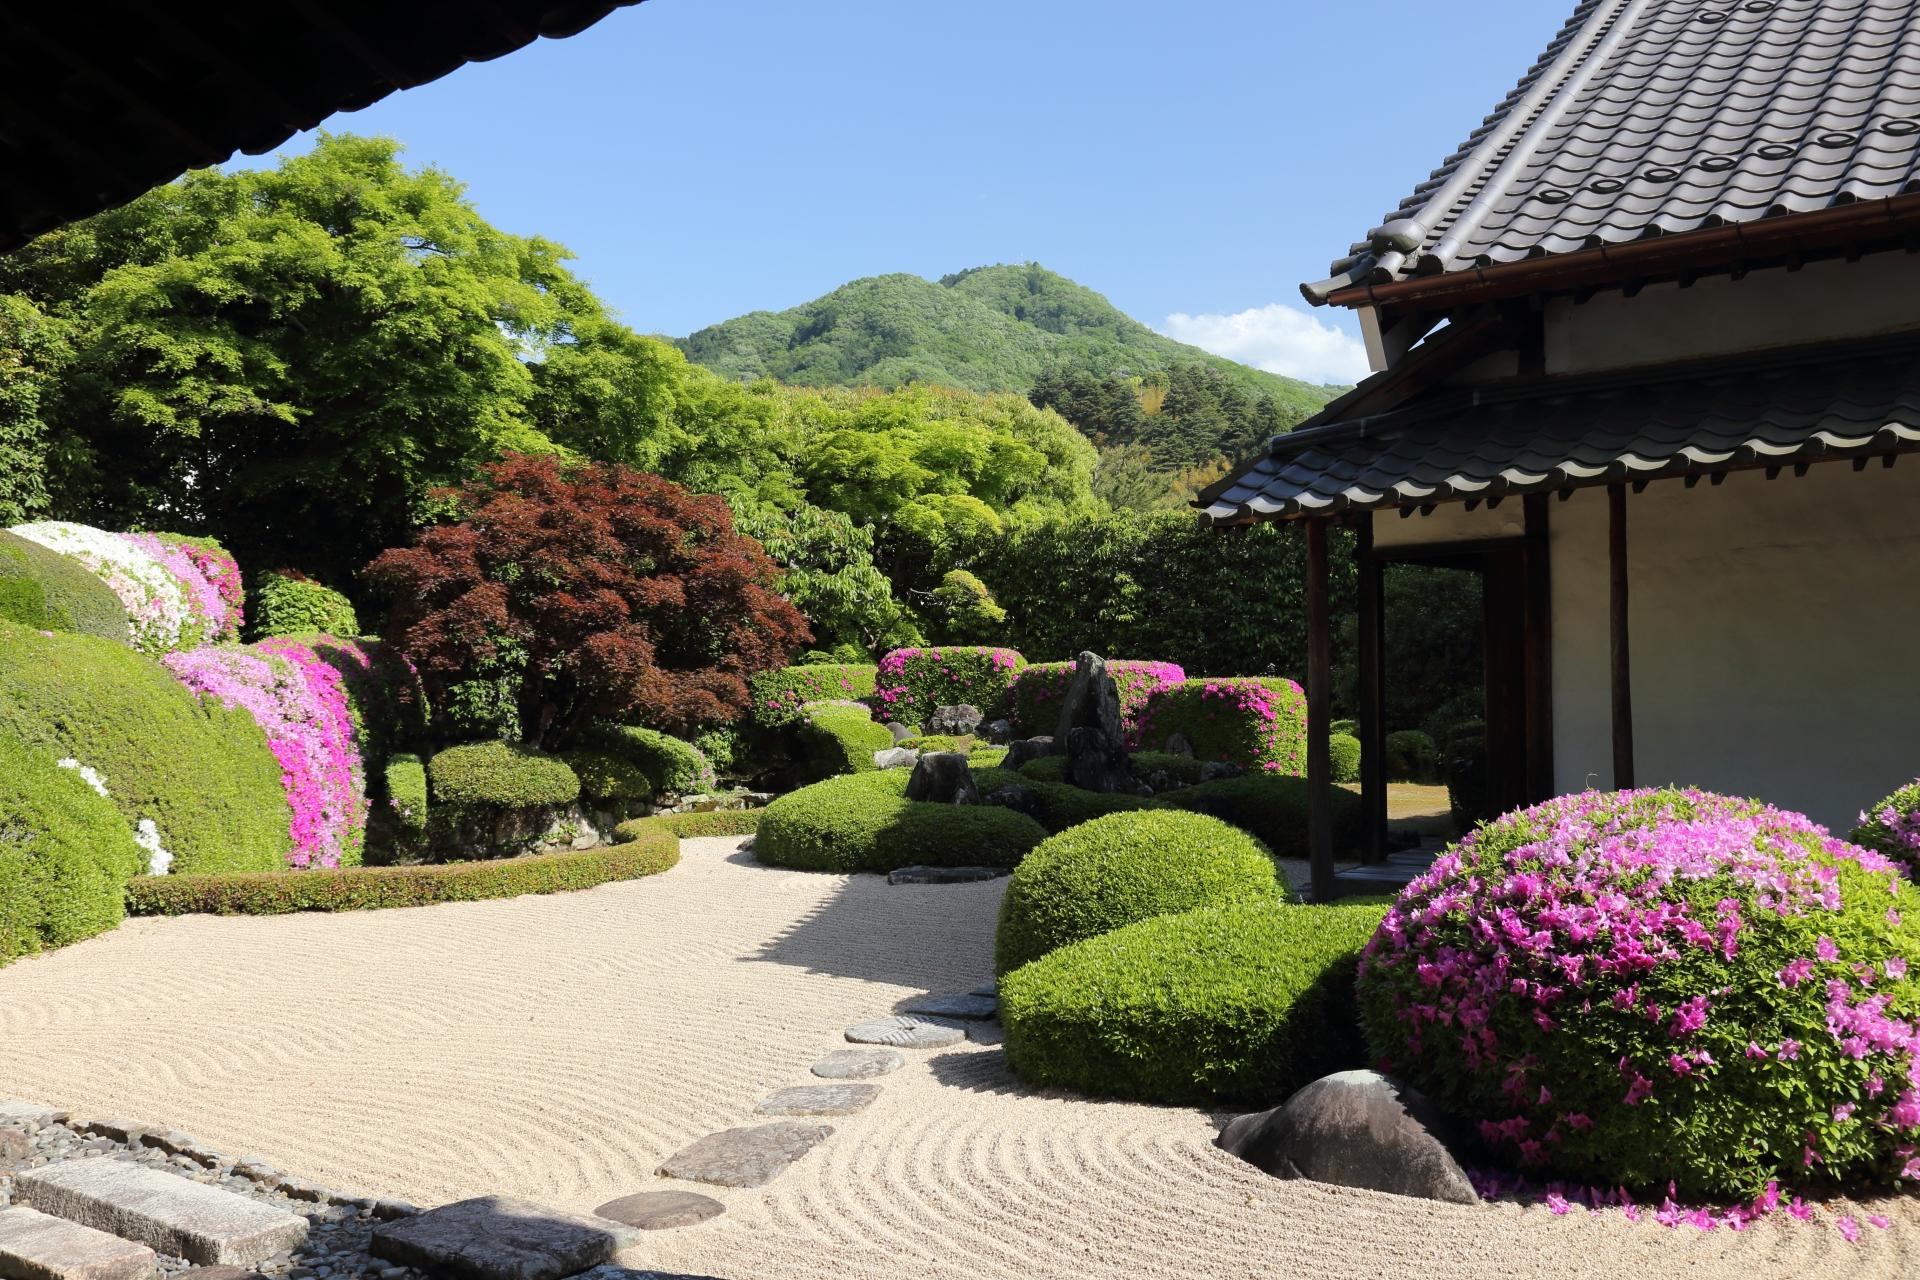 頼久寺庭園の枯山水